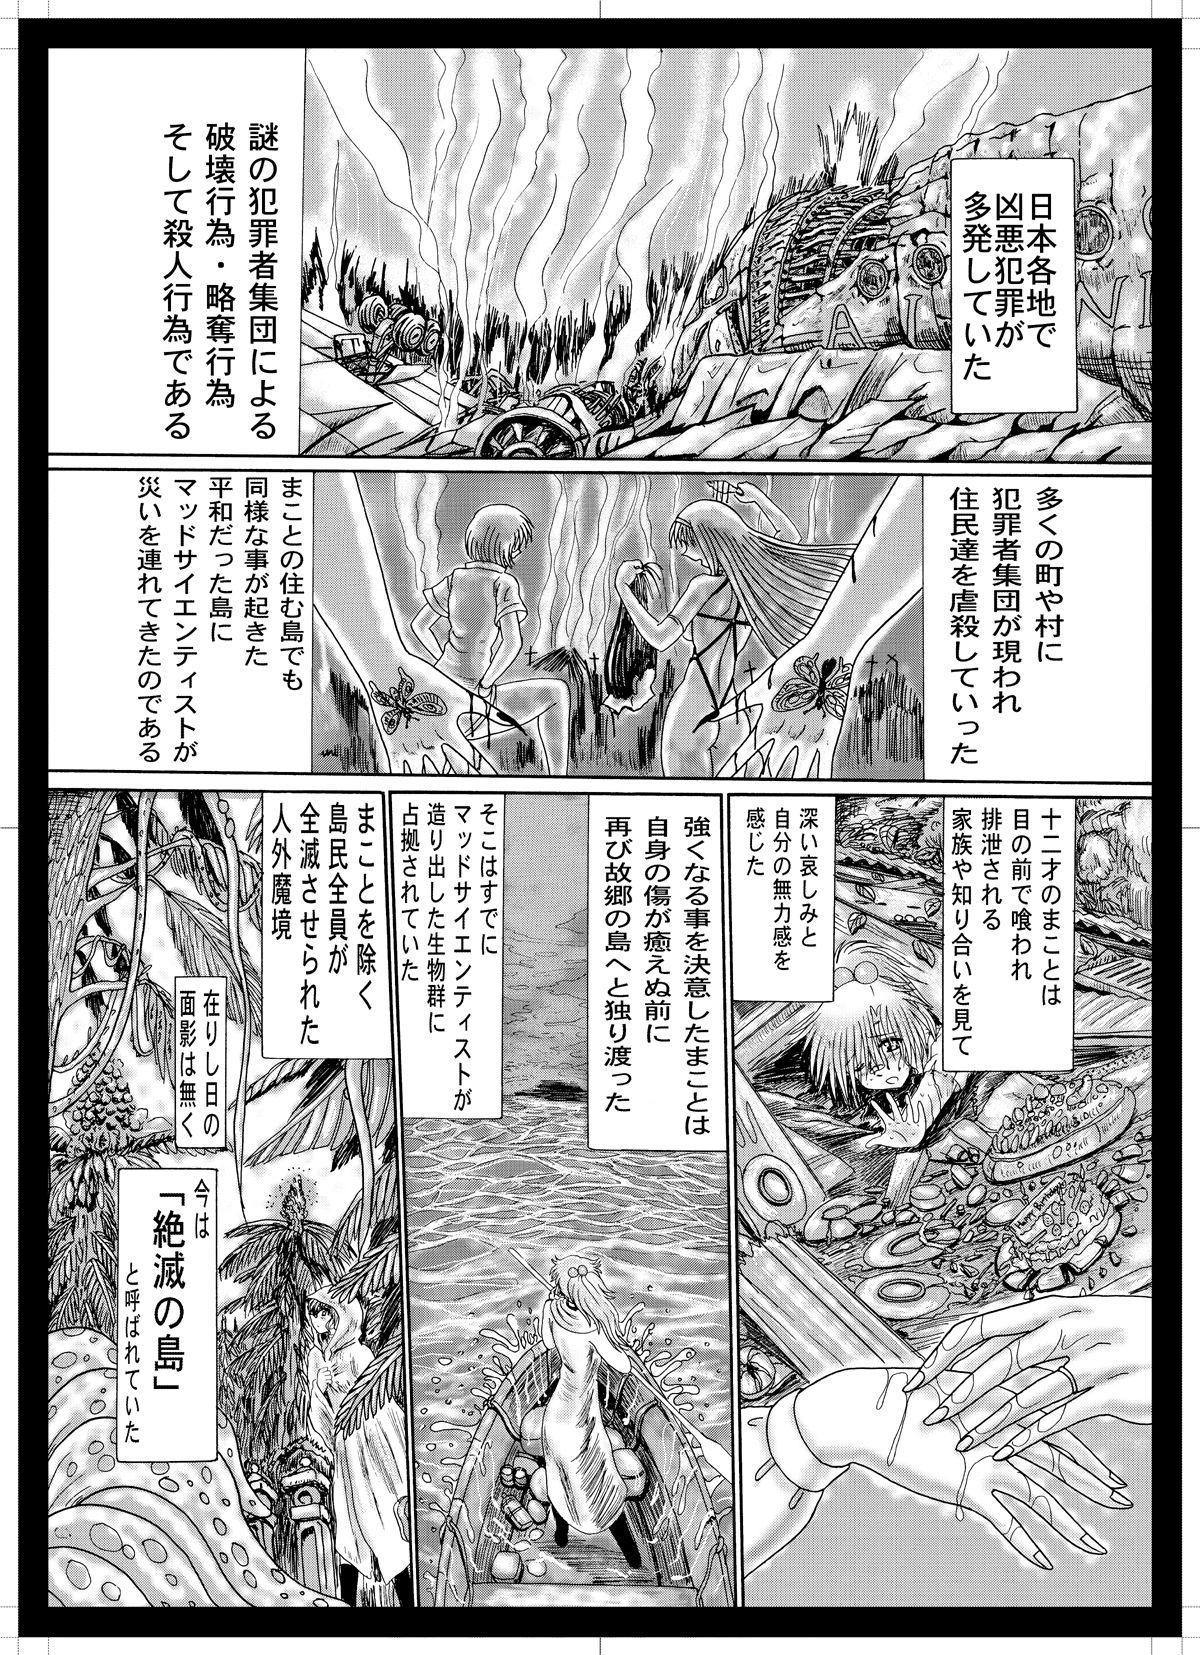 Koutetsu Choujin Black Muscle 22